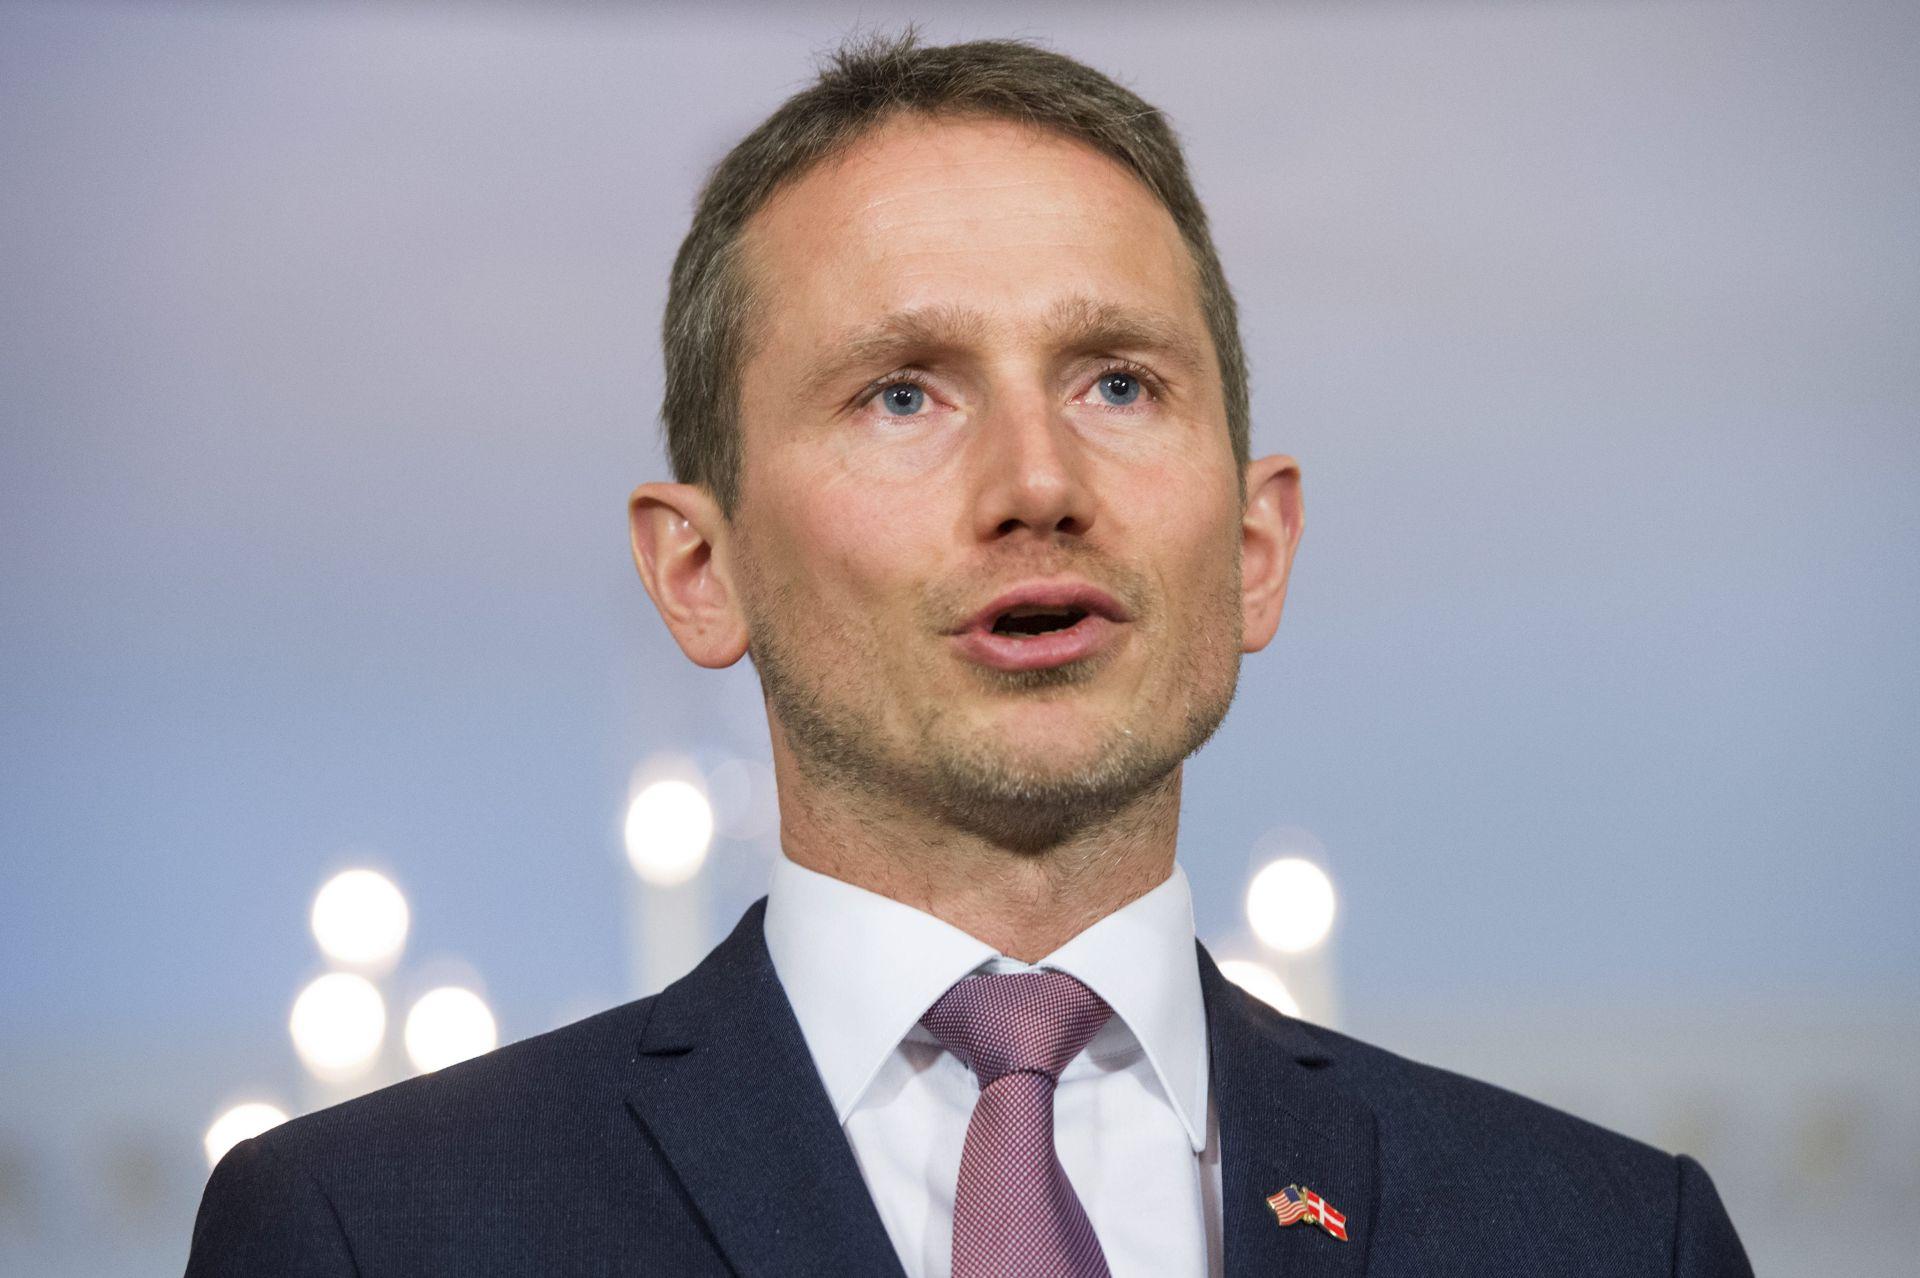 Jensen: Danska kritizira Merkel zbog njezinog upravljanja krizom